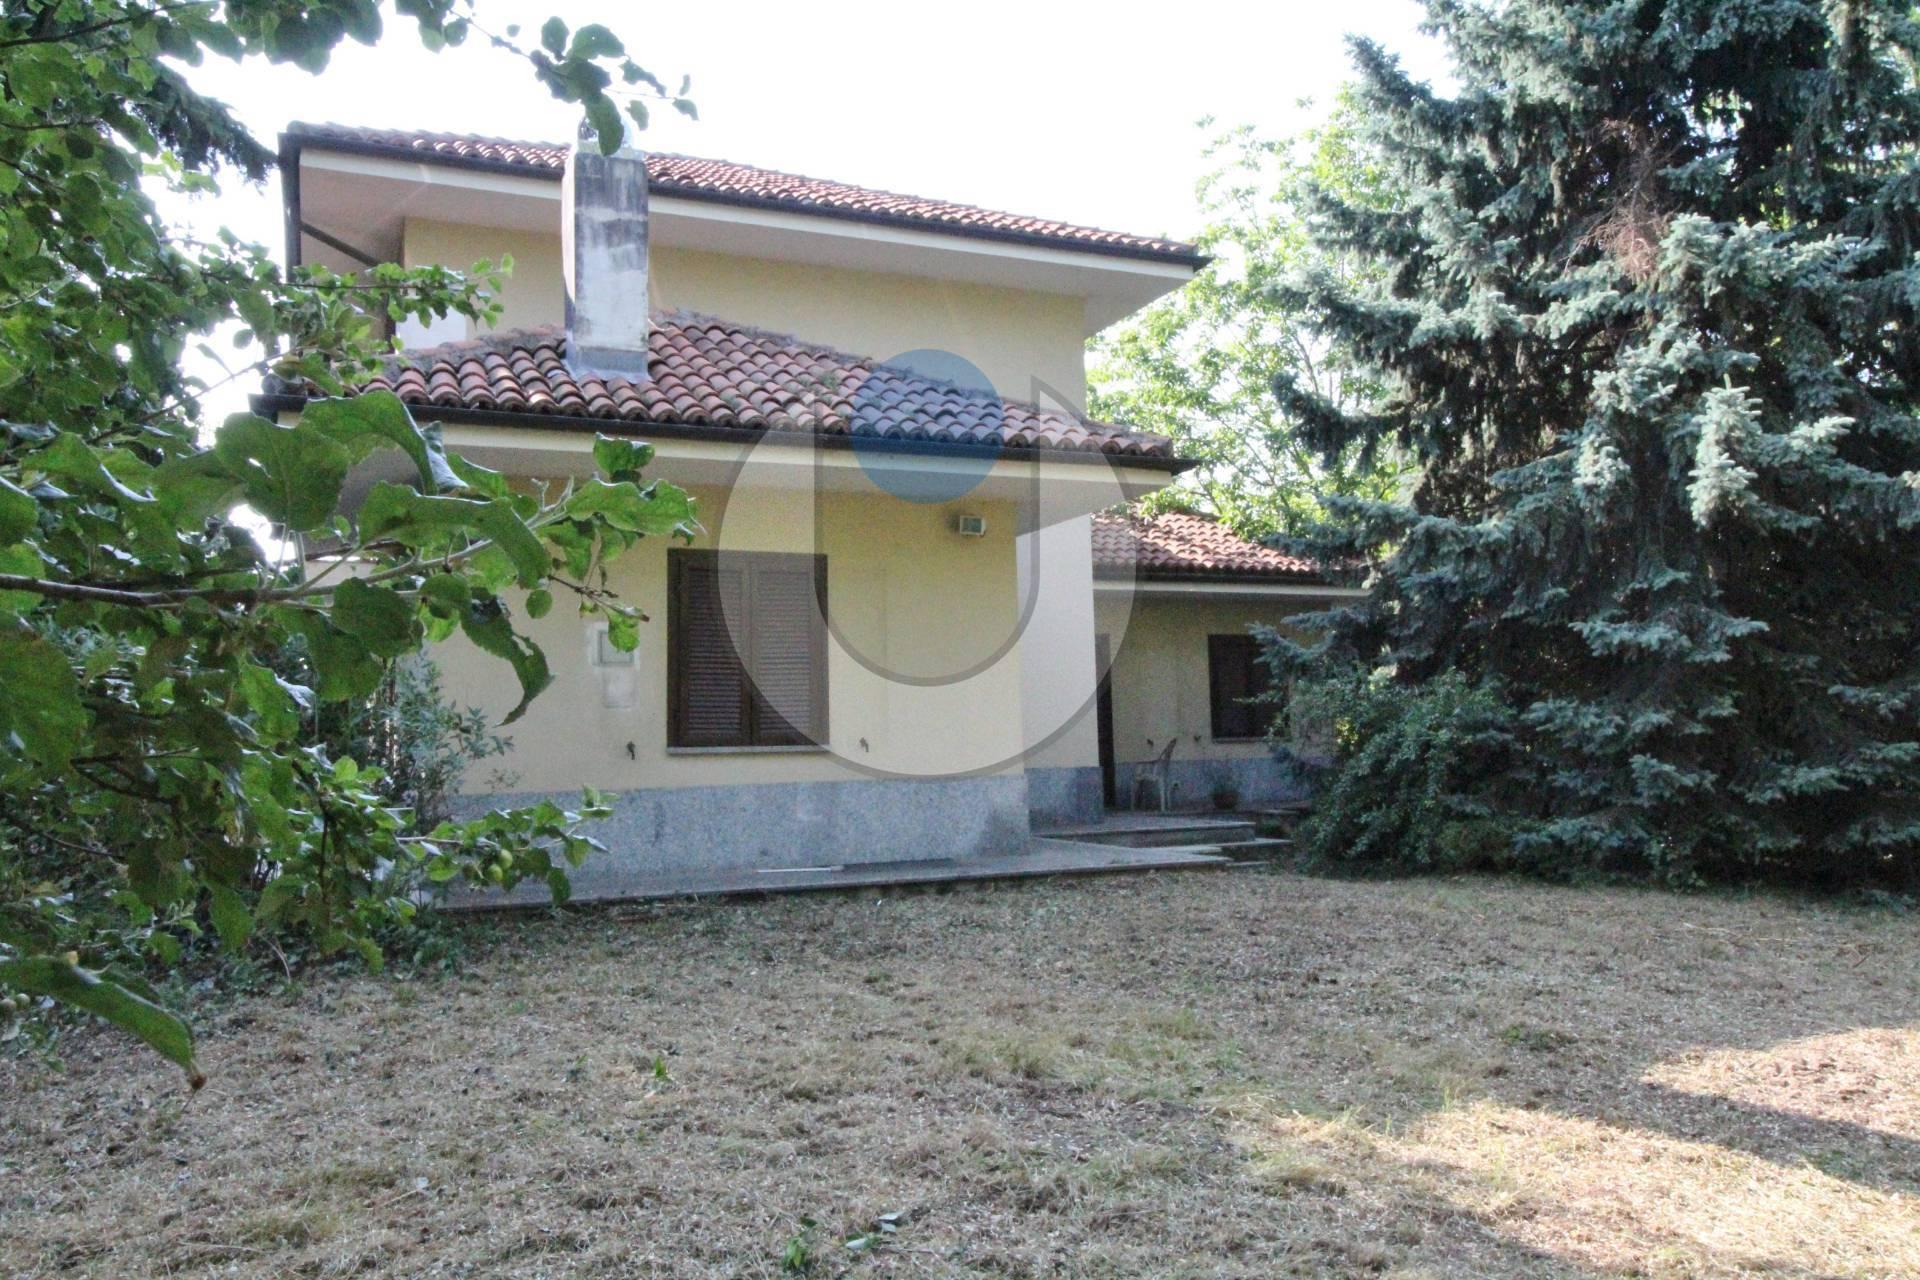 Villa in vendita a Rivoli, 6 locali, zona Località: PressiCastello, prezzo € 380.000 | CambioCasa.it